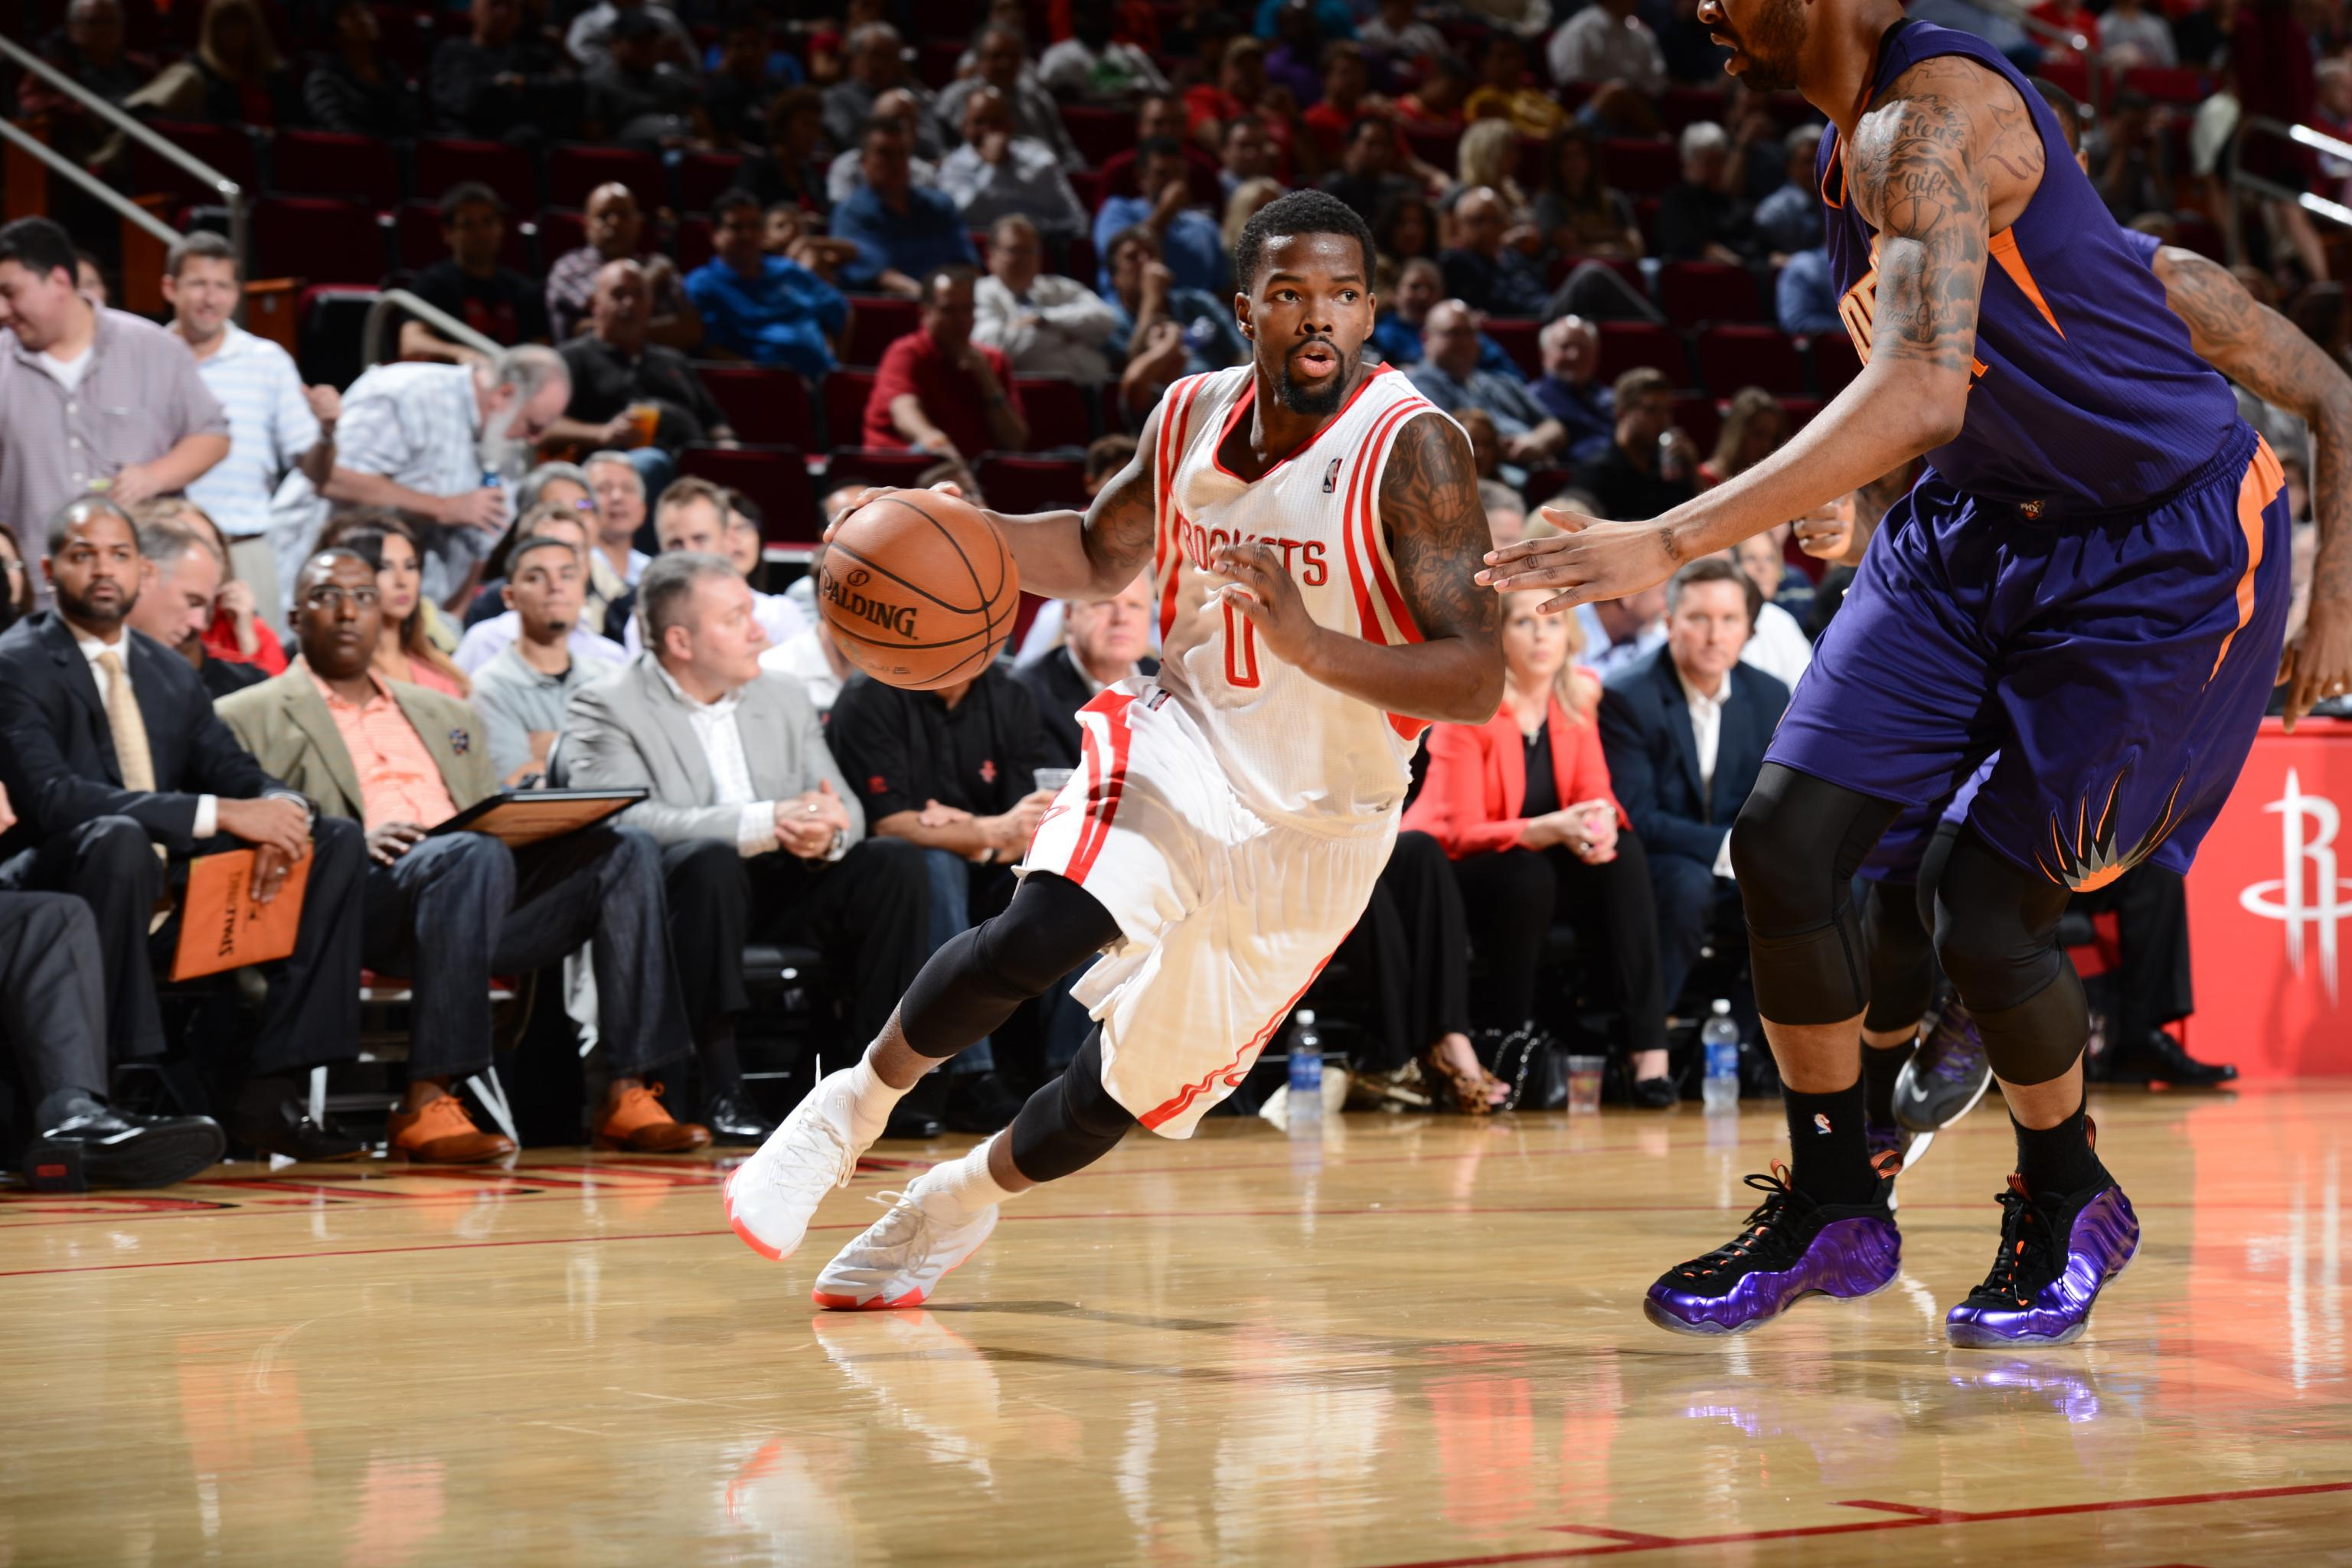 「小黑豆」Aaron Brooks將比賽球鞋贈與小球迷 球迷父親發推致謝-黑特籃球-NBA新聞影音圖片分享社區